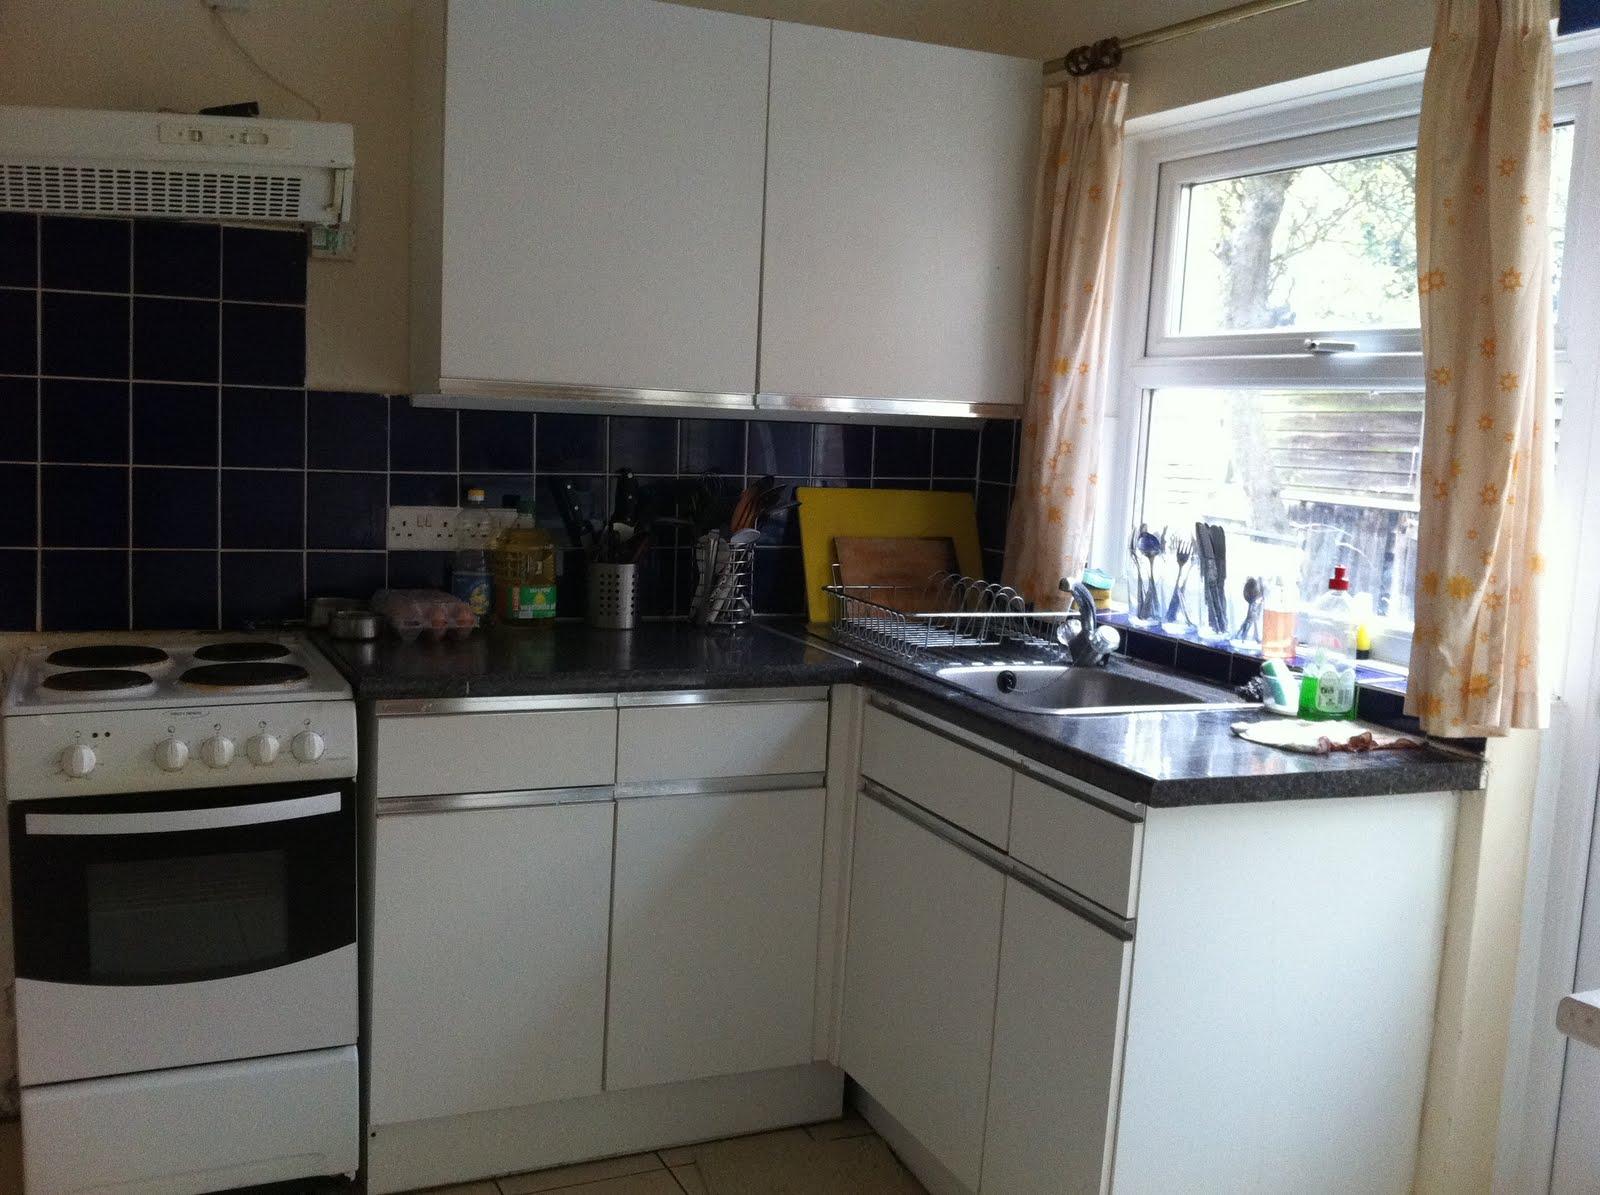 Dapur Masak - dapur masak minimalis serta merta dapur masak royco